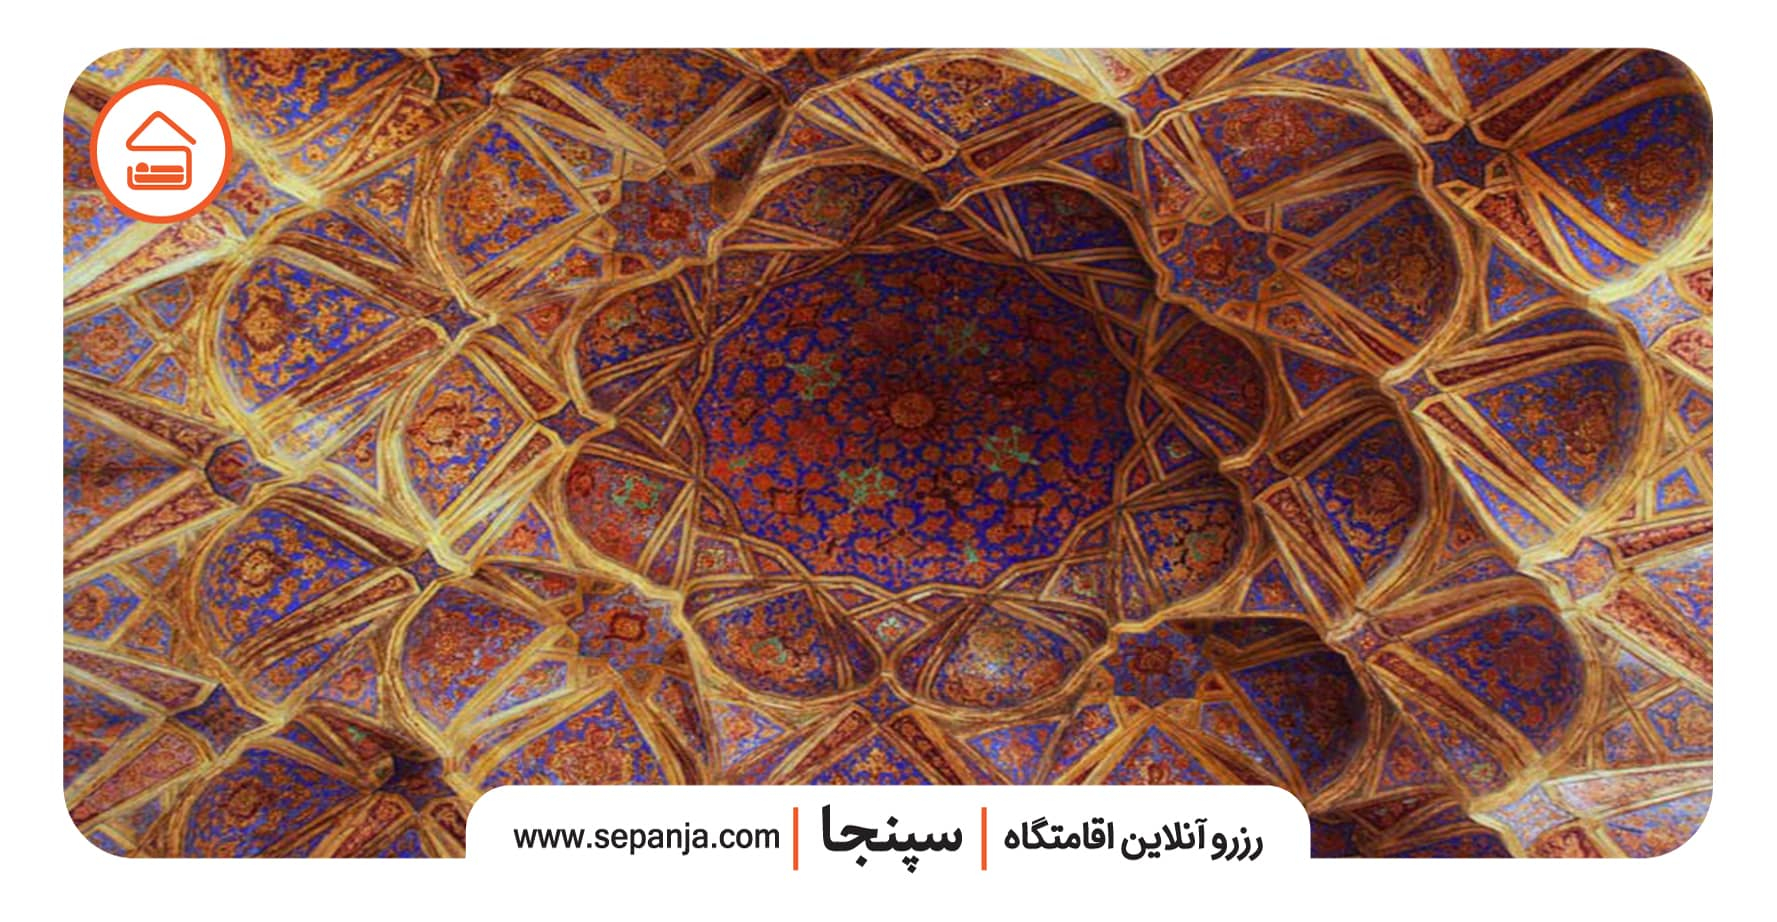 نمایی از نقاشی های کاخ عالی قاپو اصفهان